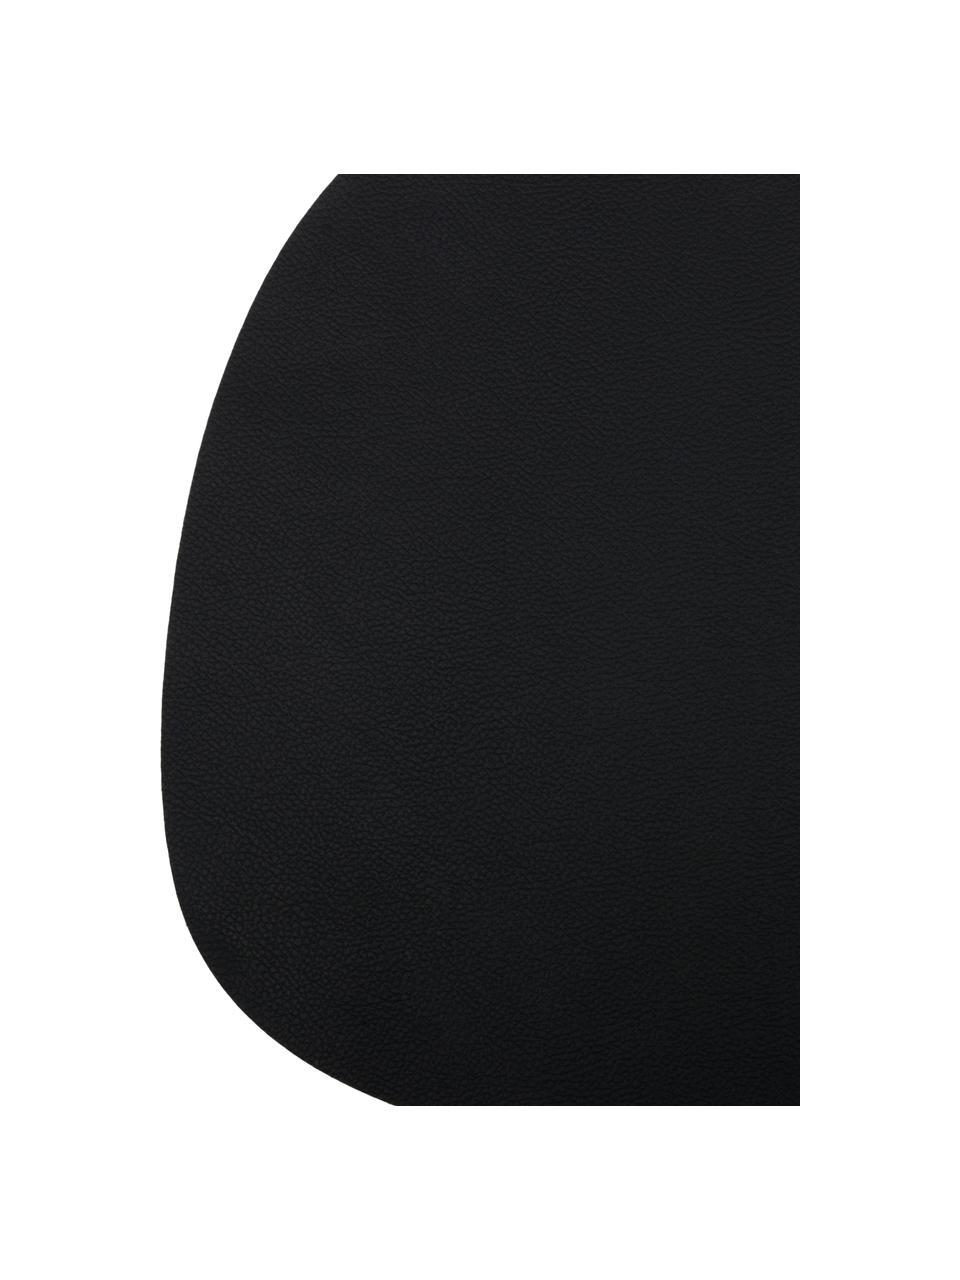 Owalna podkładka ze sztucznej skóry Leni, 2 szt., Skóra, Czarny, S 33 x D 40 cm